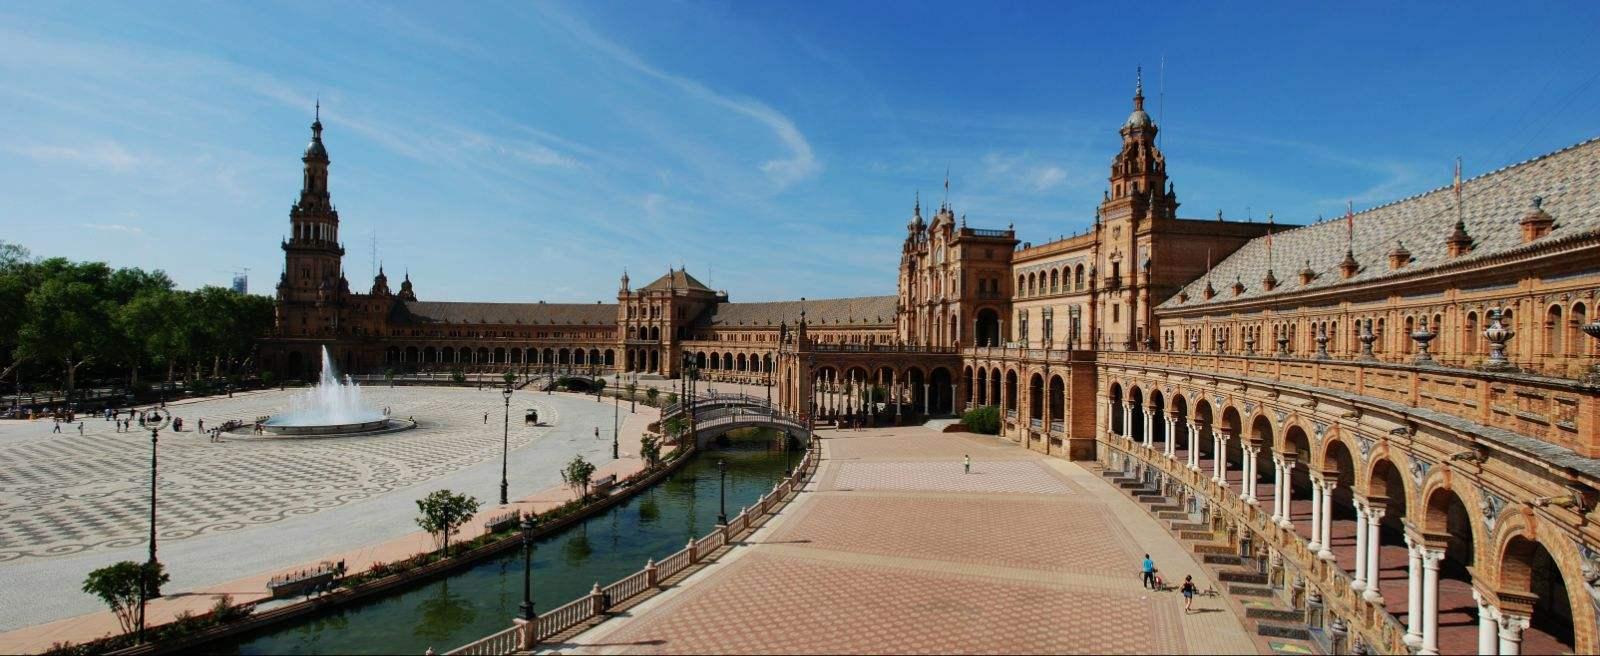 西班牙犯罪团伙专对亚裔下手 警方破案16人被捕